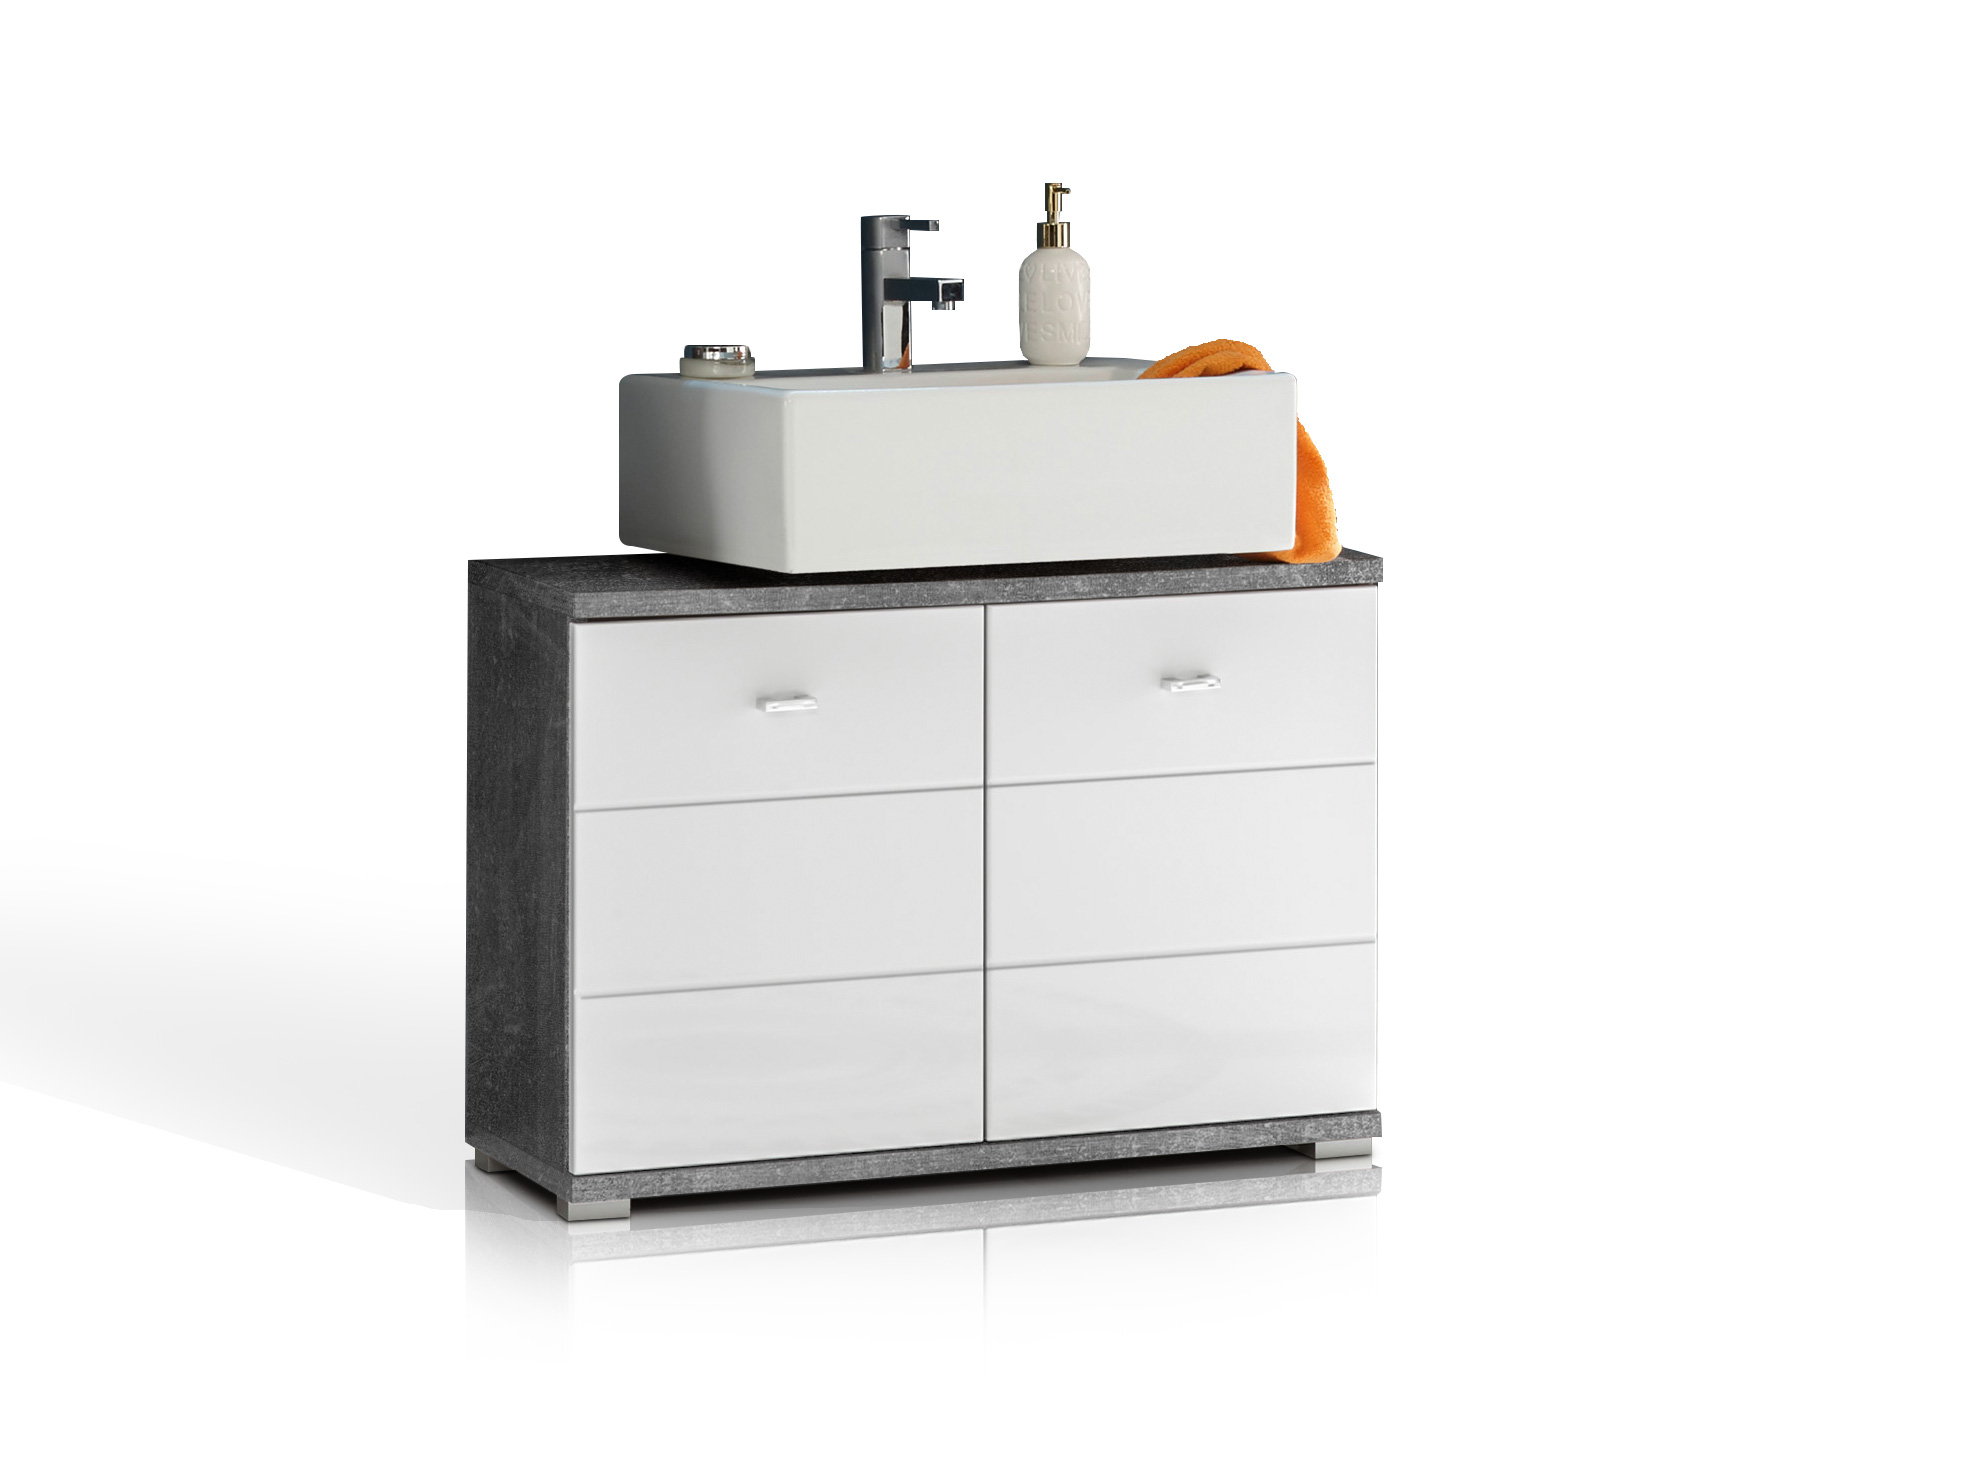 PABLO Waschbeckenunterschrank Beton/weiß